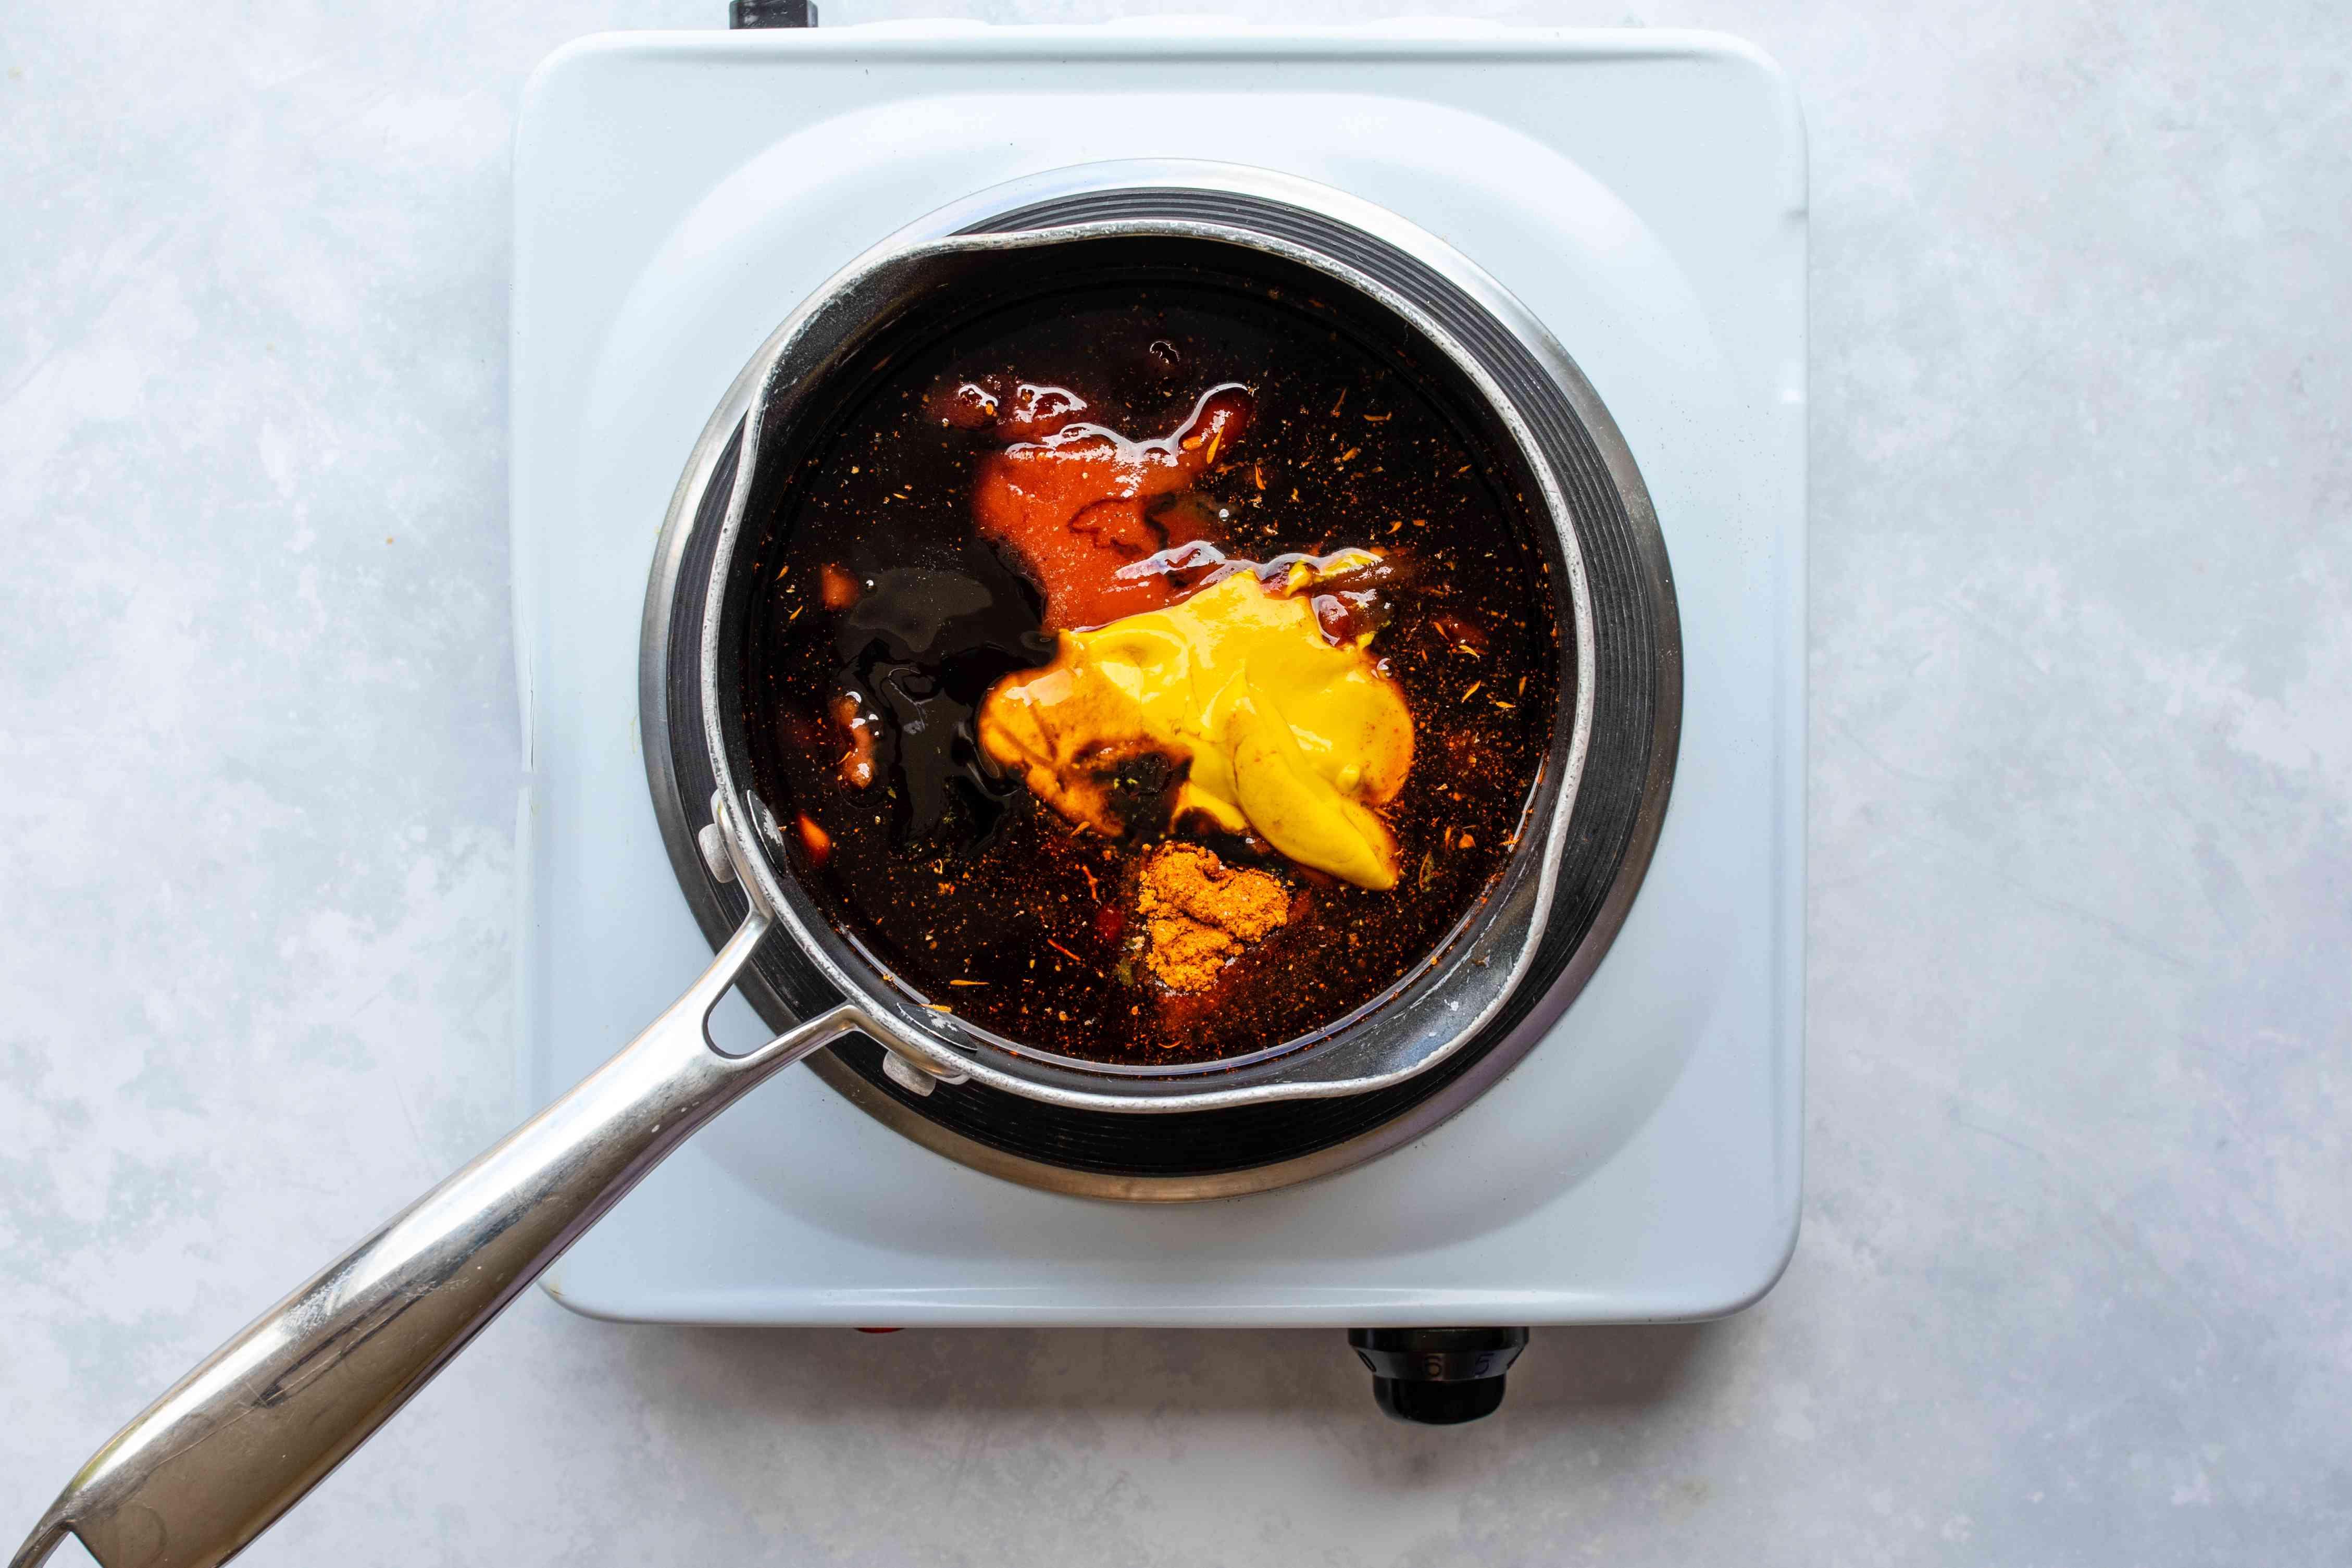 Combine barbecue sauce ingredients in saucepan